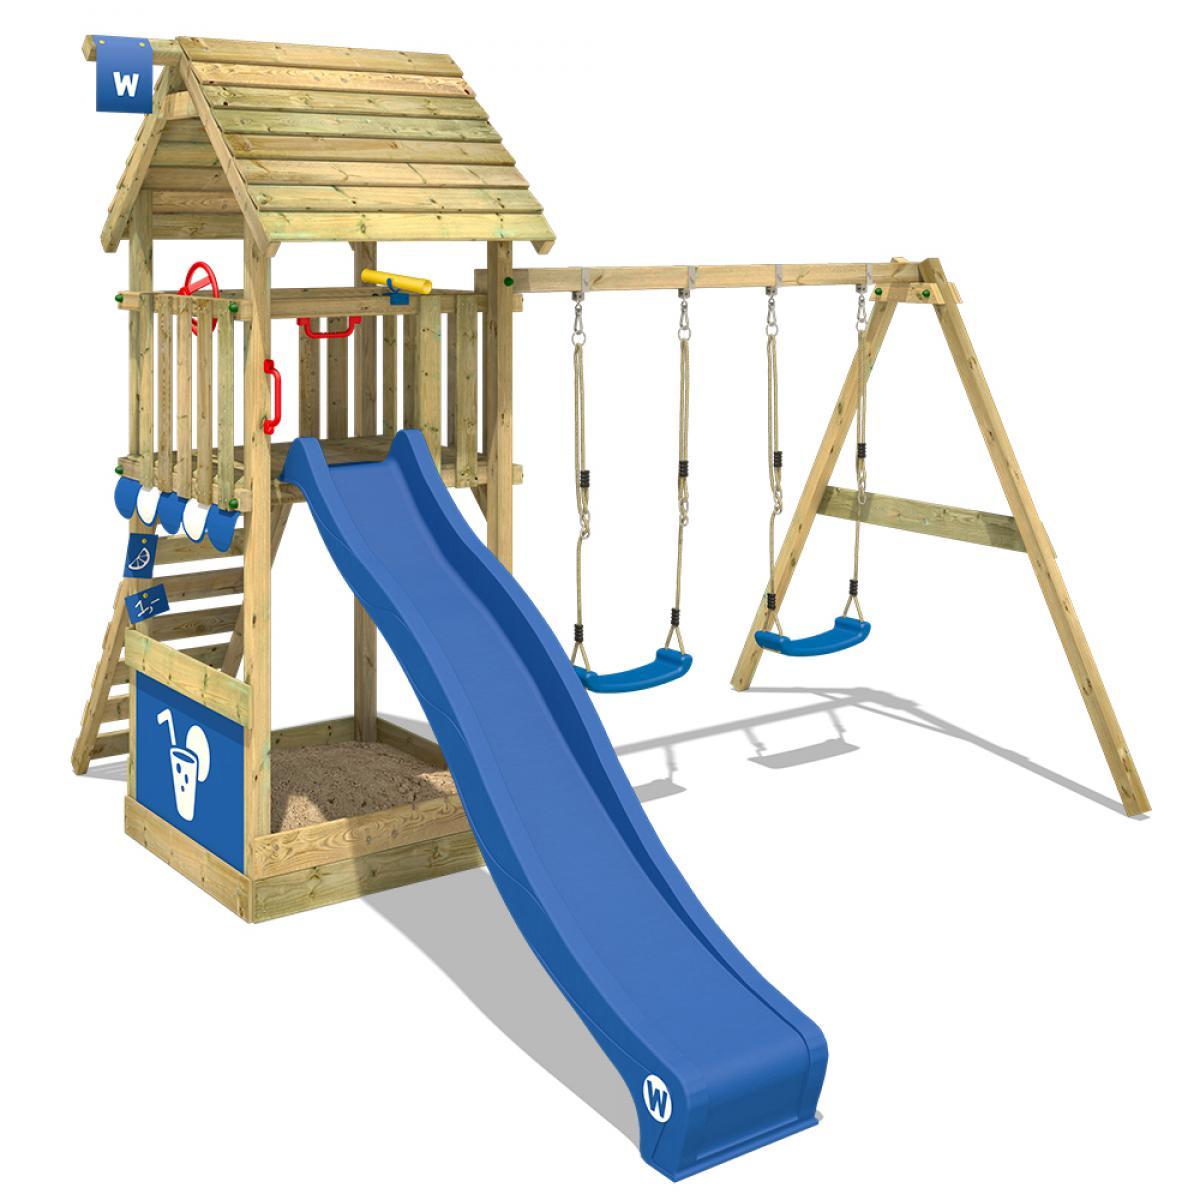 Wickey WICKEY Aire de jeux Portique bois Smart Shelter toit en bois avec balançoire et toboggan bleu Maison enfant exterieur av